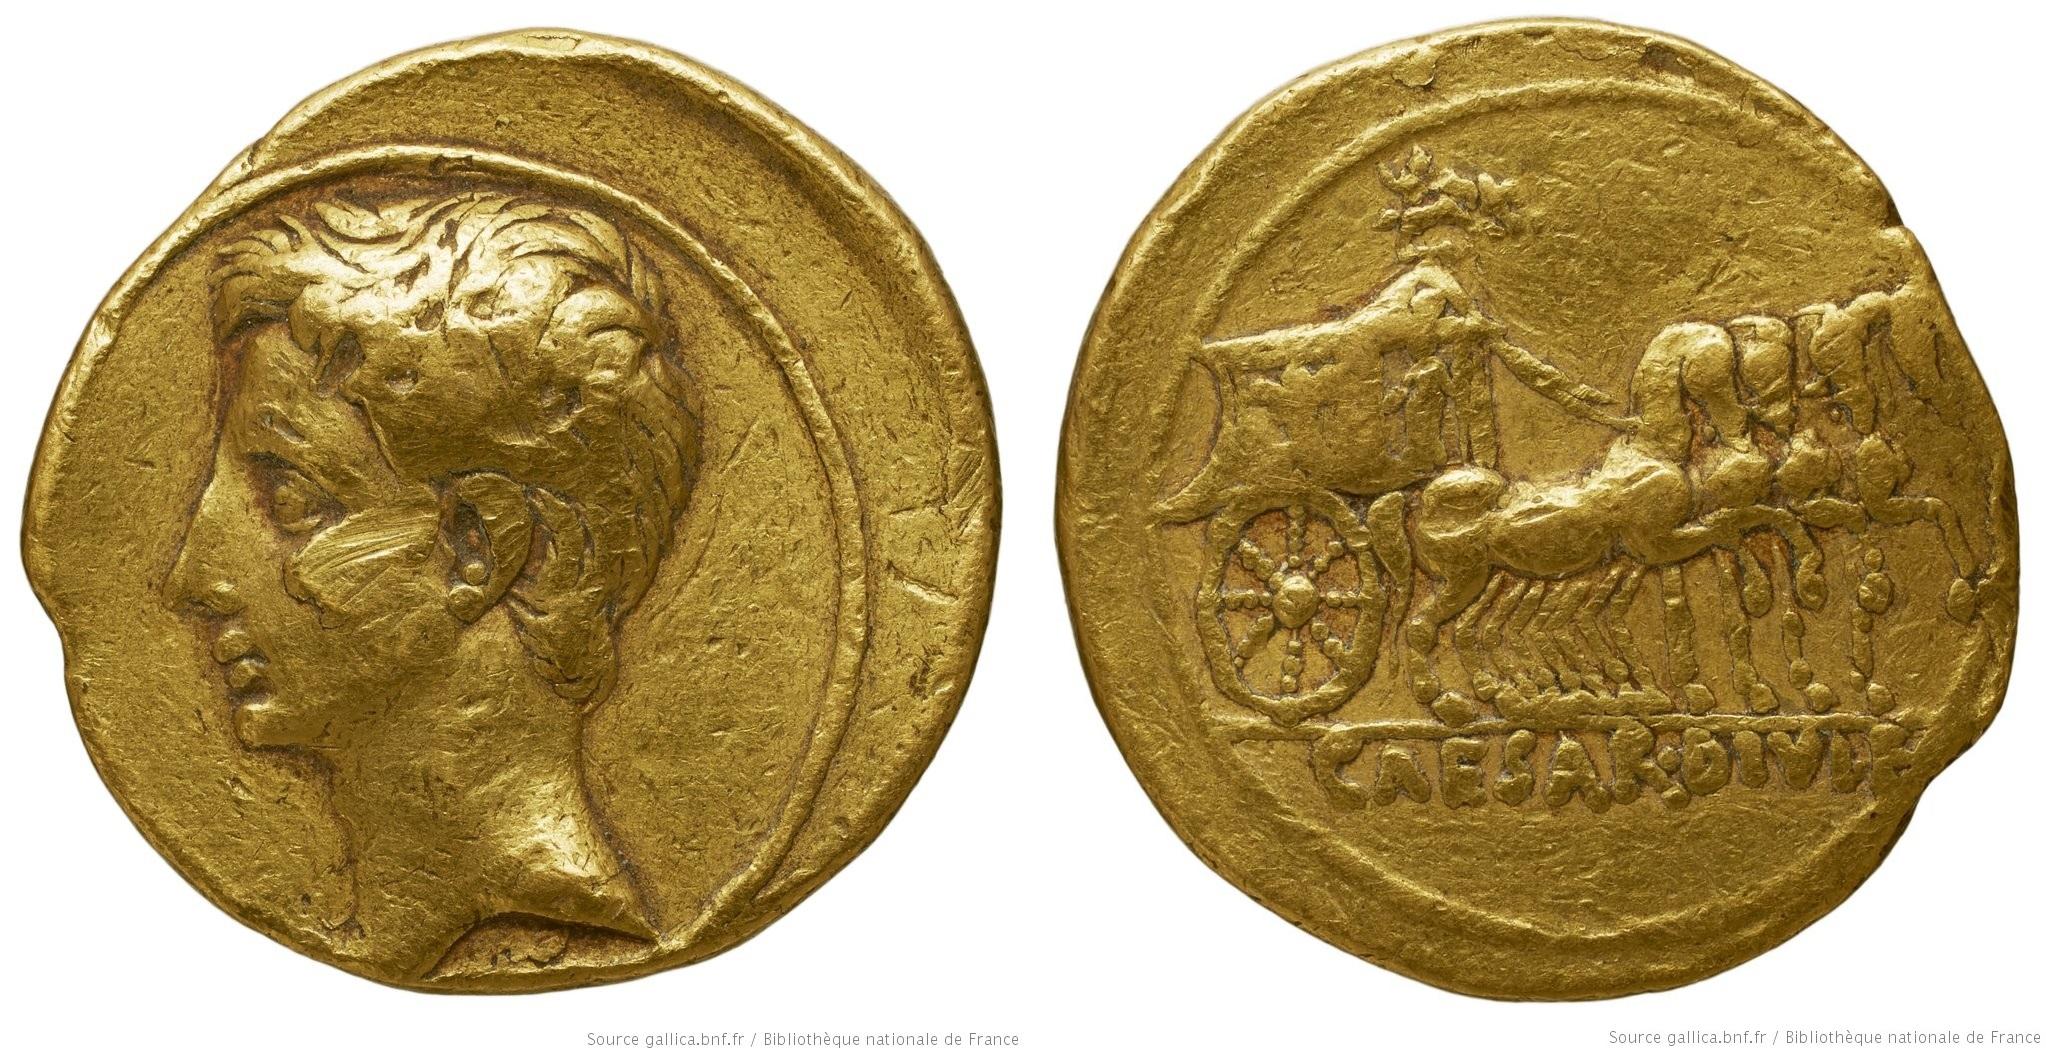 2012AU – Aureus Octave – Caius Julius Cæsar Octavianus